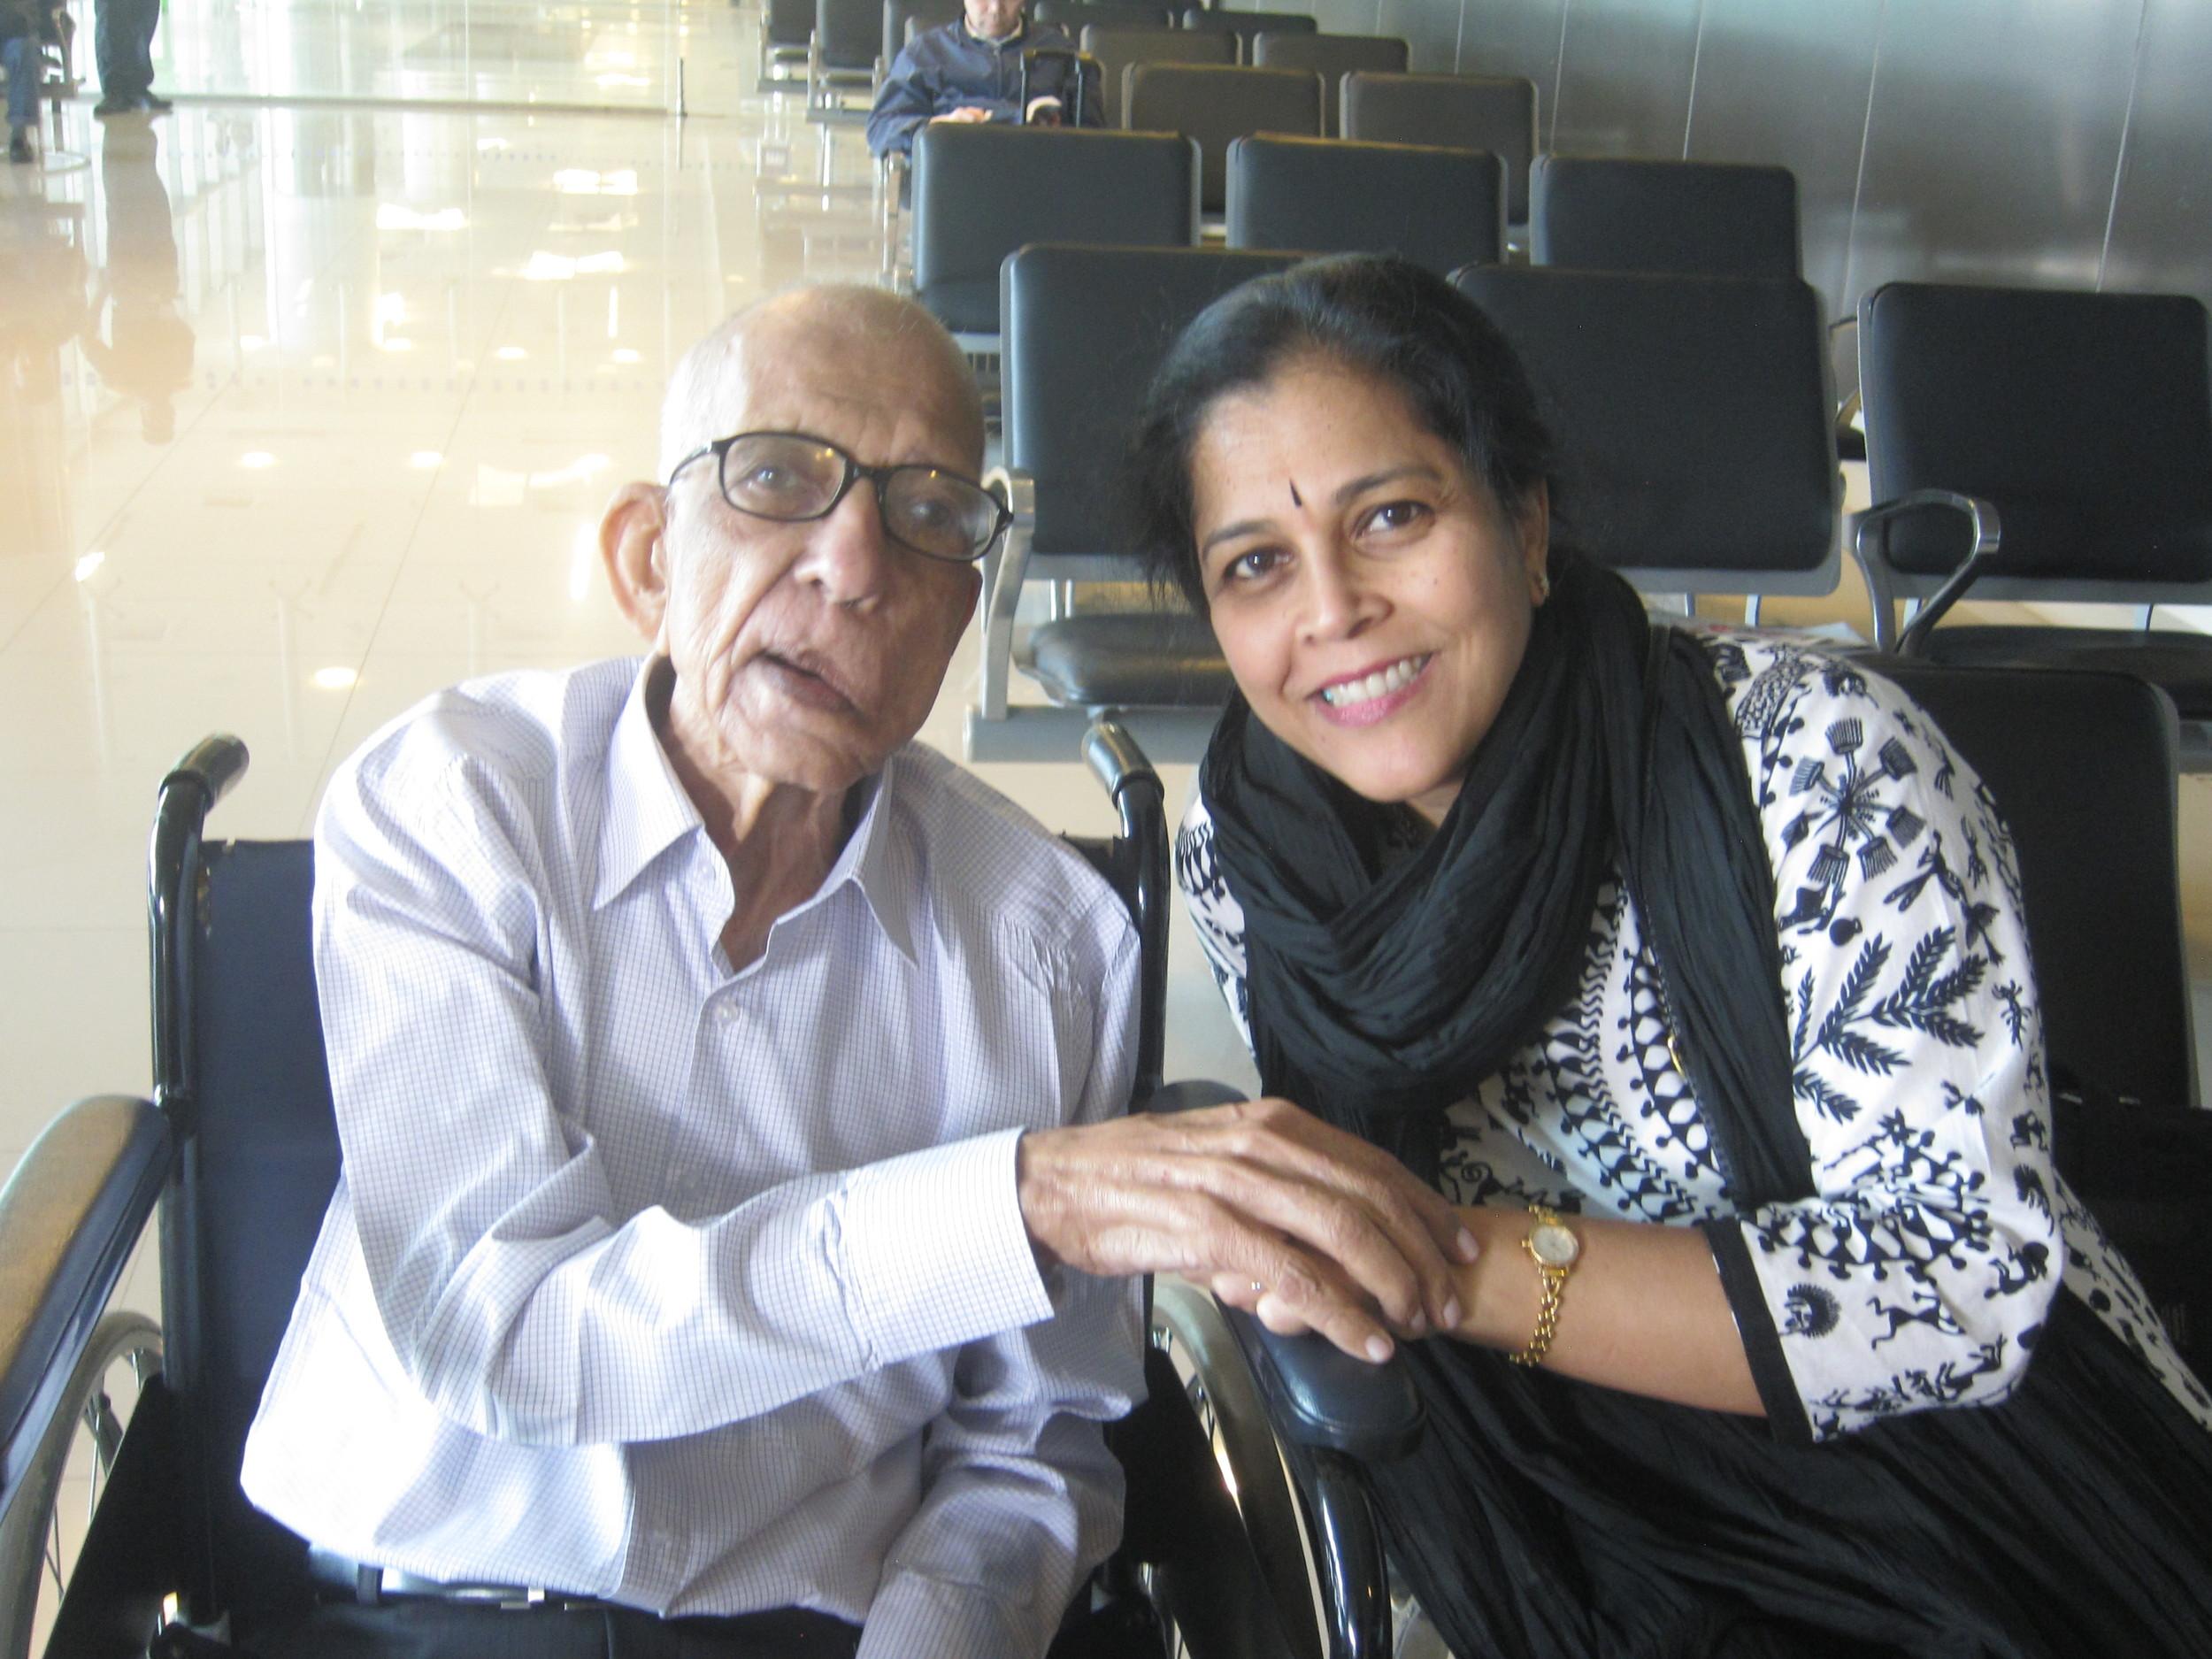 Kalpana with Daddykins. February 2, 2014.